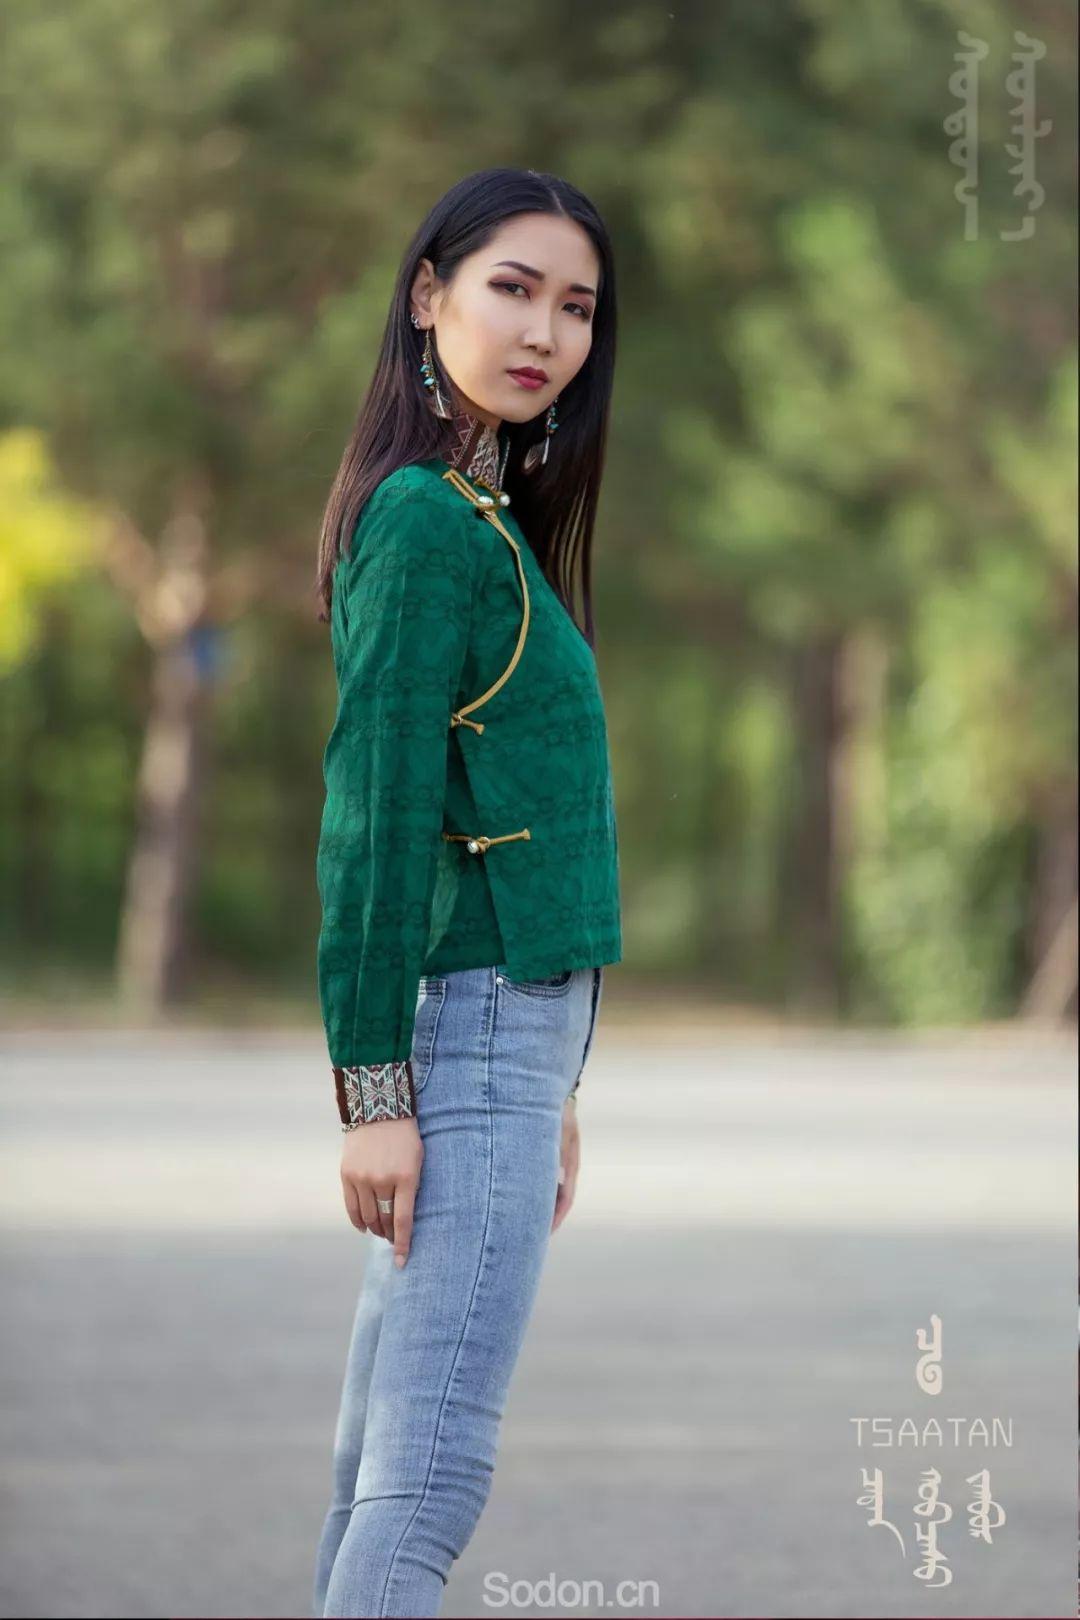 TSAATAN蒙古时装 2019新款,来自驯鹿人的独特魅力! 第100张 TSAATAN蒙古时装 2019新款,来自驯鹿人的独特魅力! 蒙古服饰